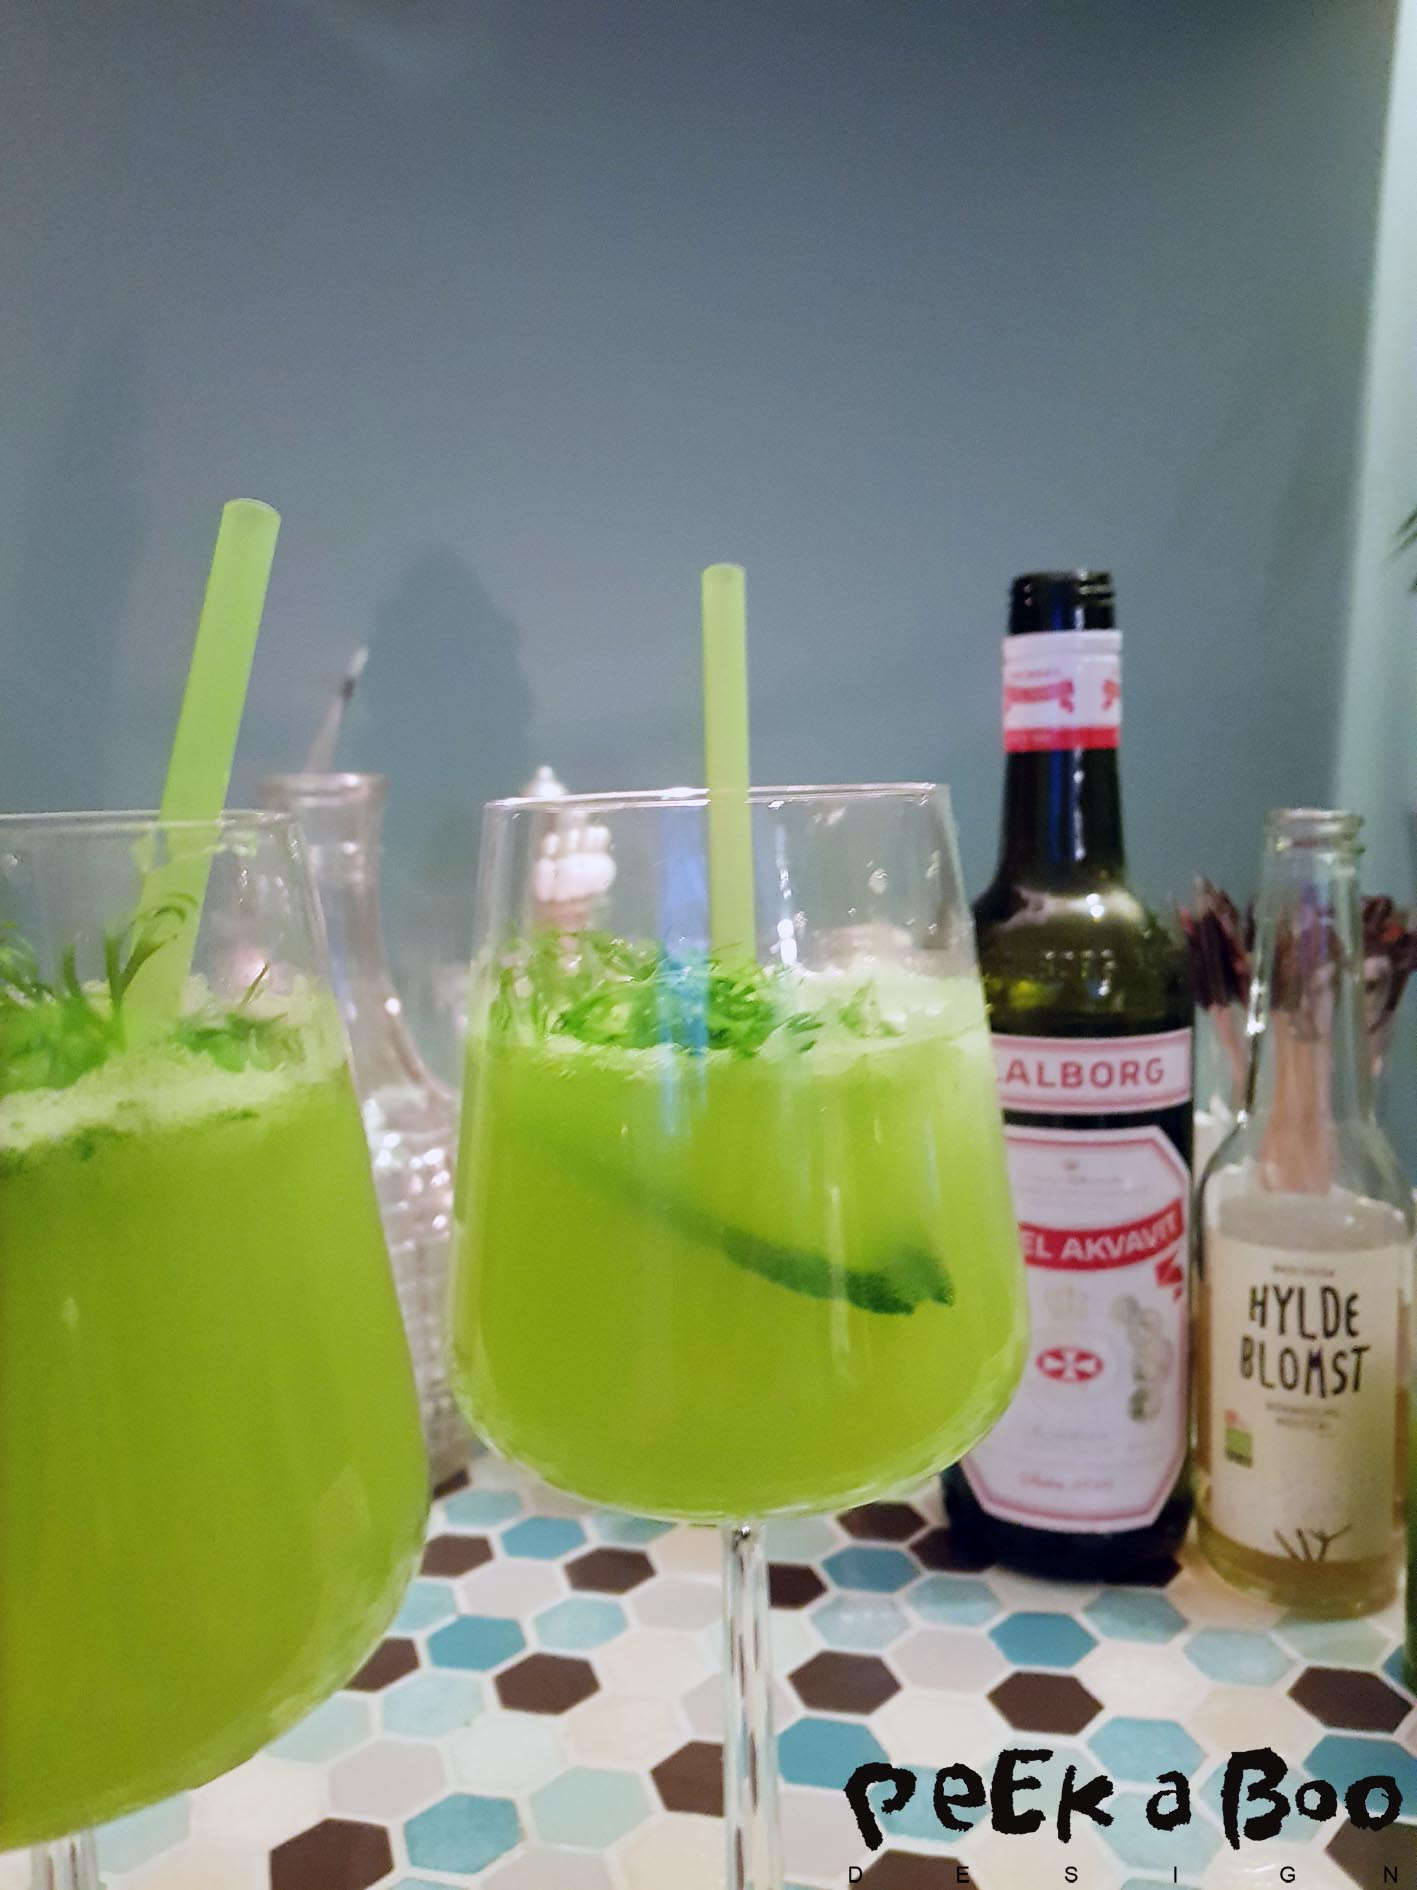 This weekend drink - Kermit delux